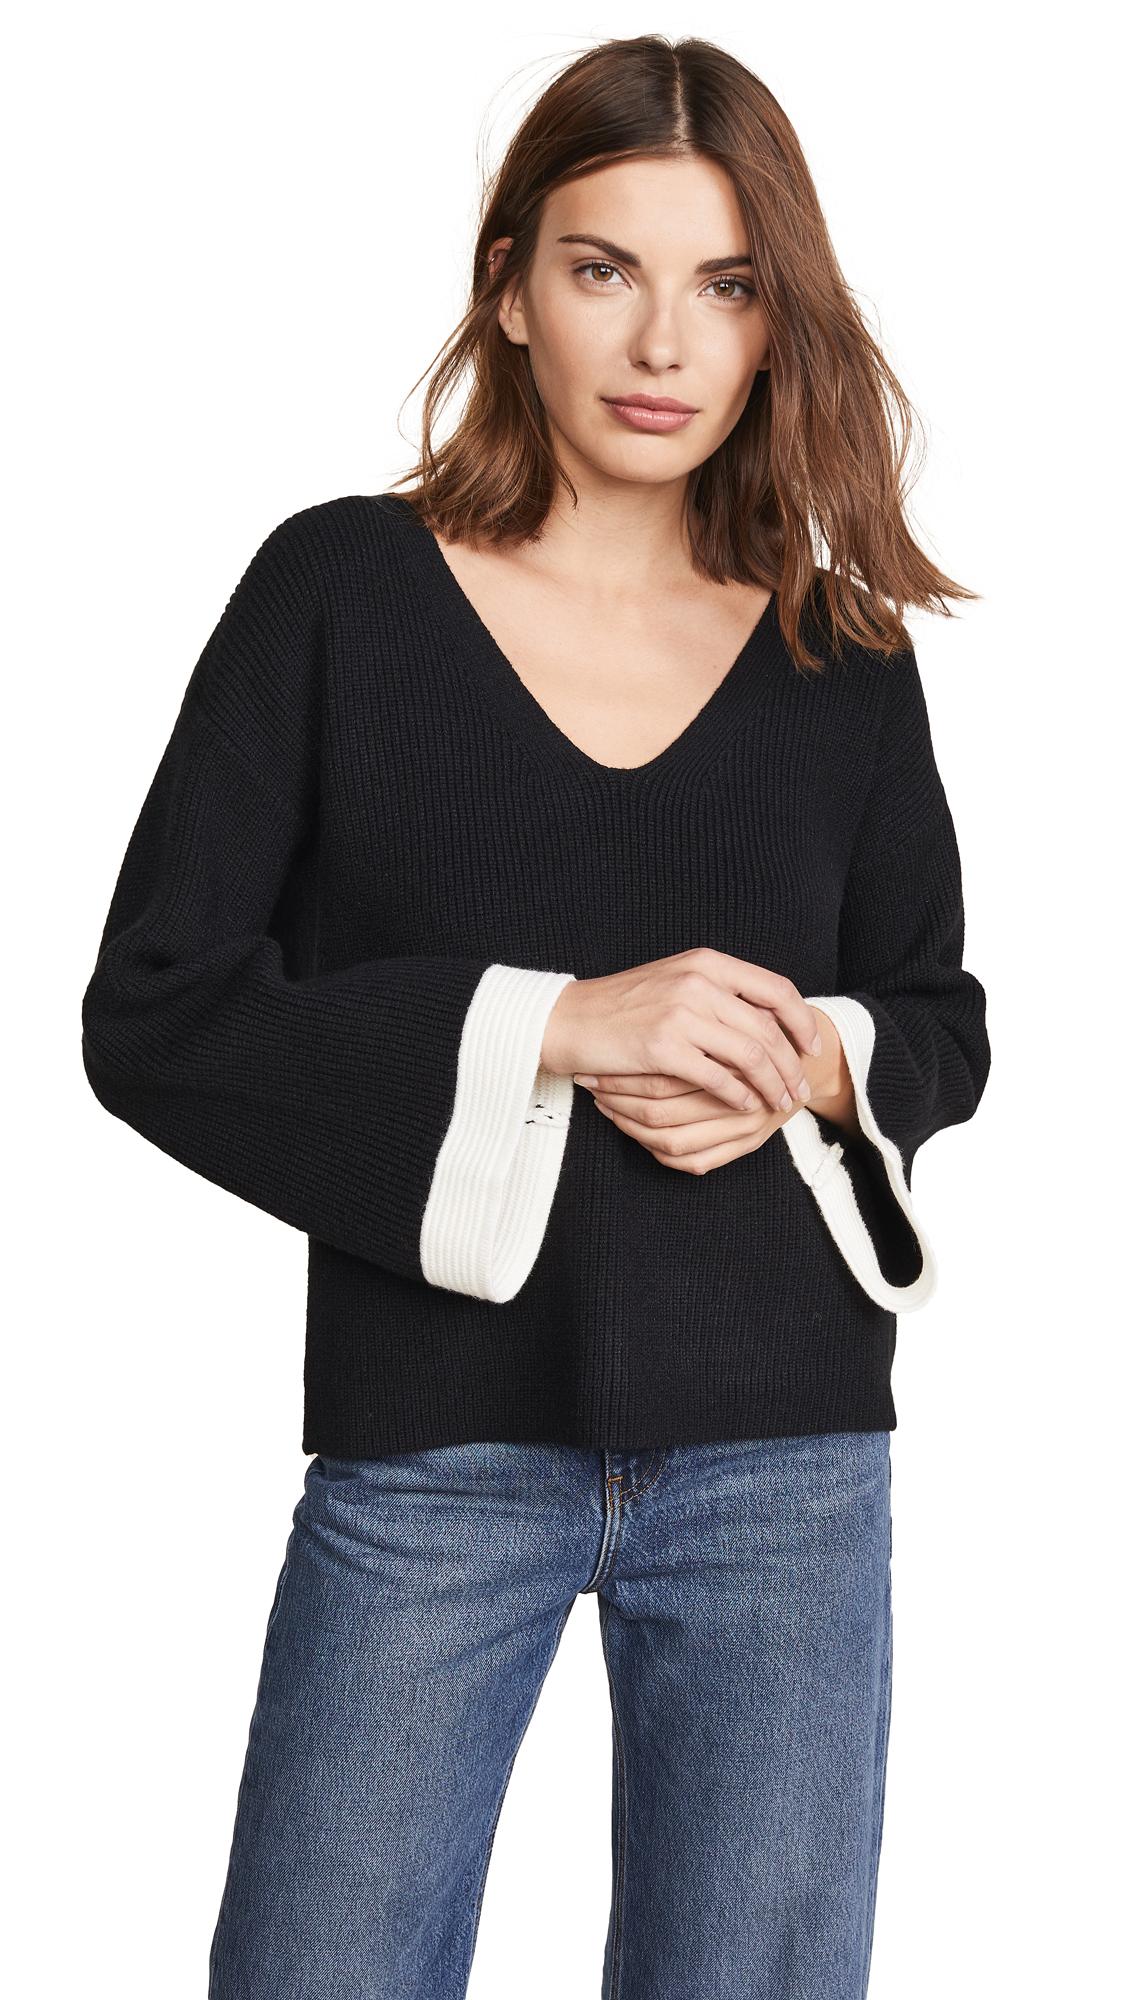 JOA Scoop Neck Sweater in Black